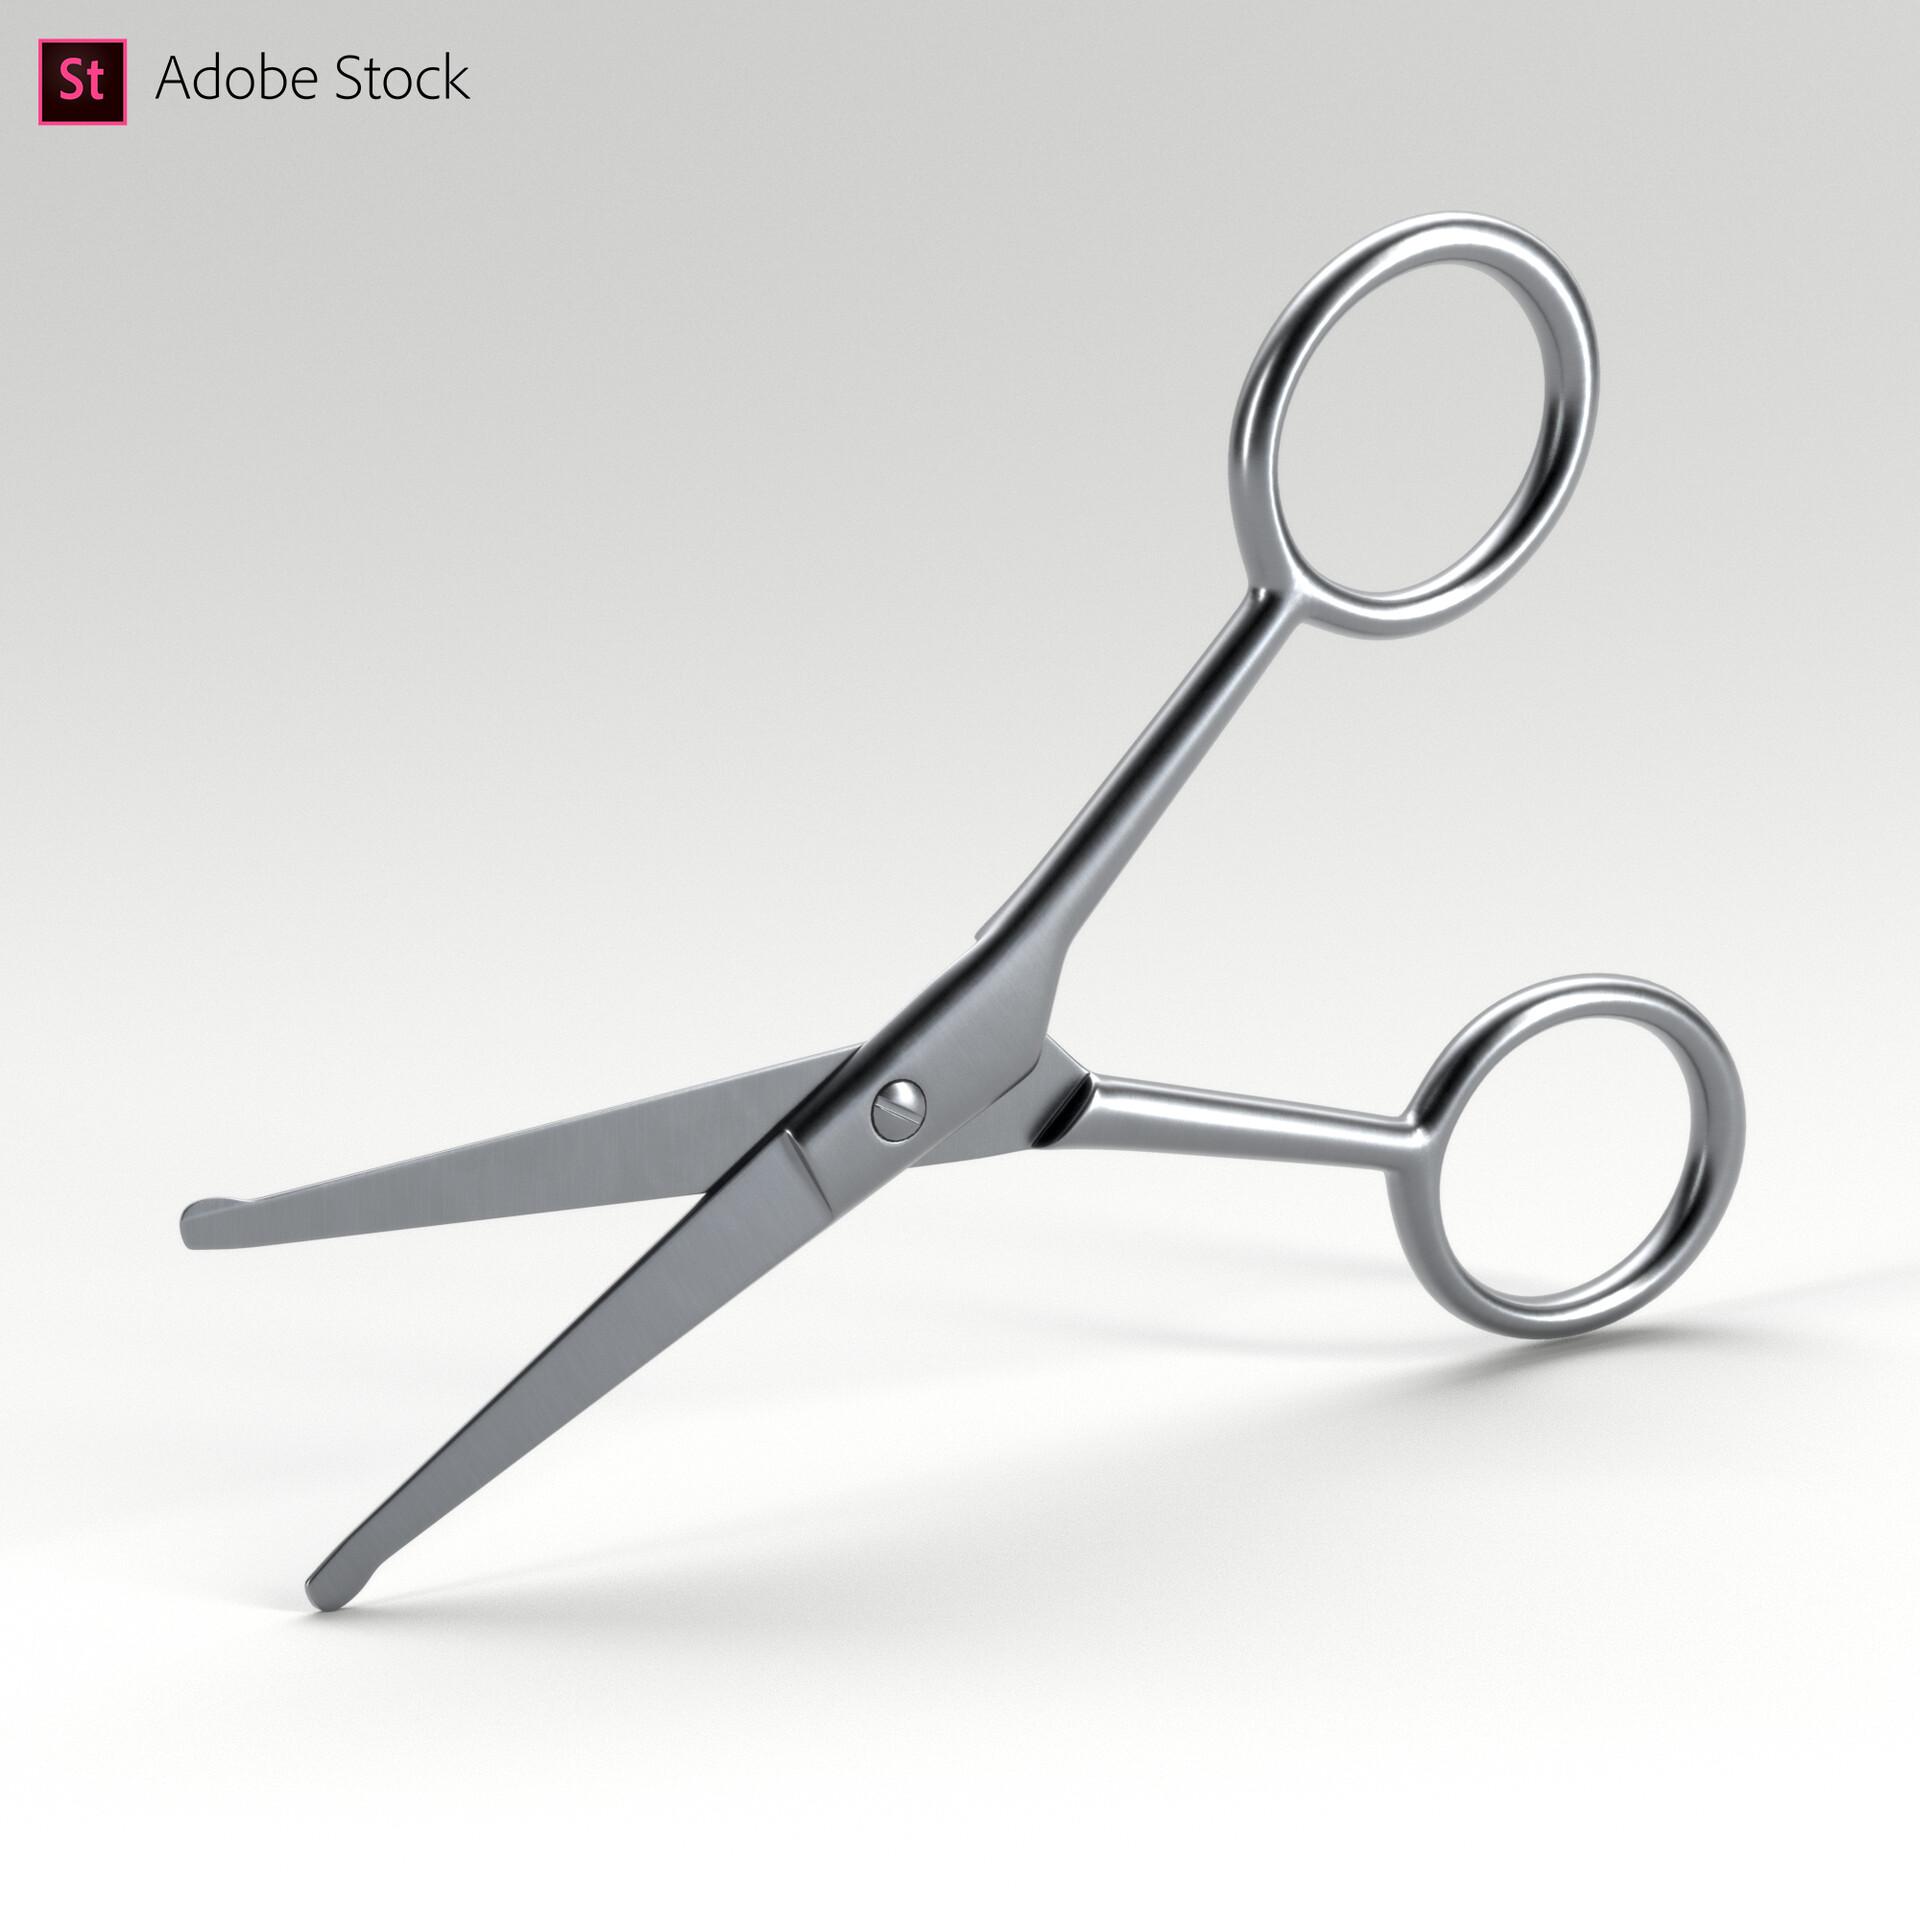 Jesus bibian jr facialhairscissors preview